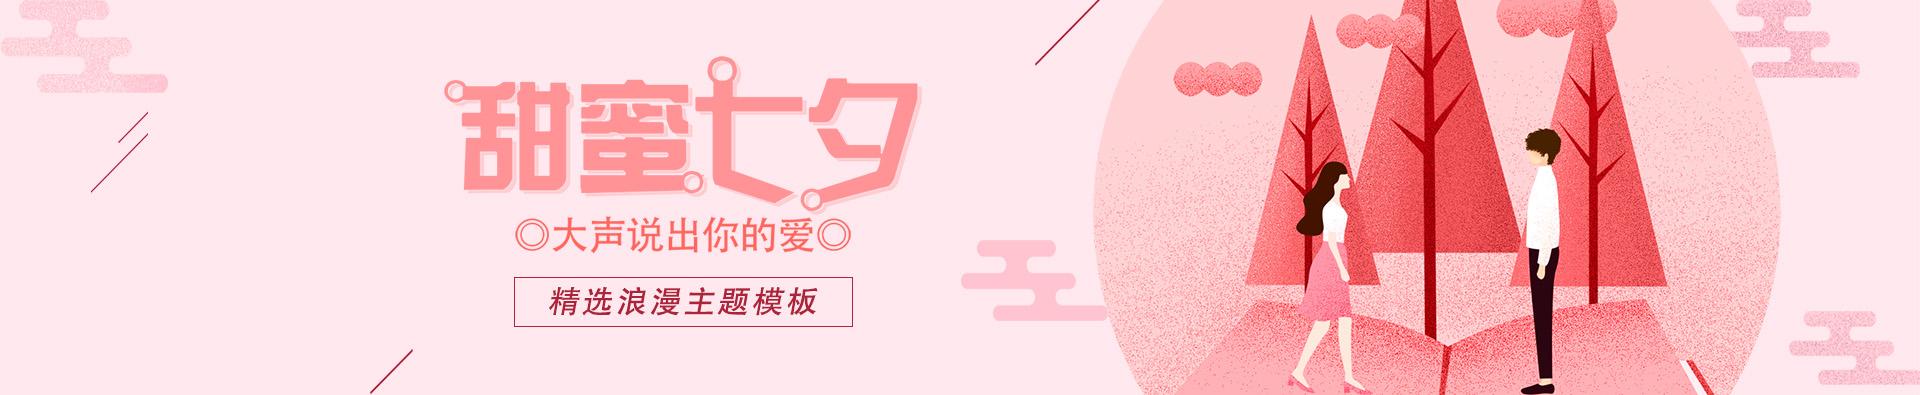 浪漫七夕今生有你�n}